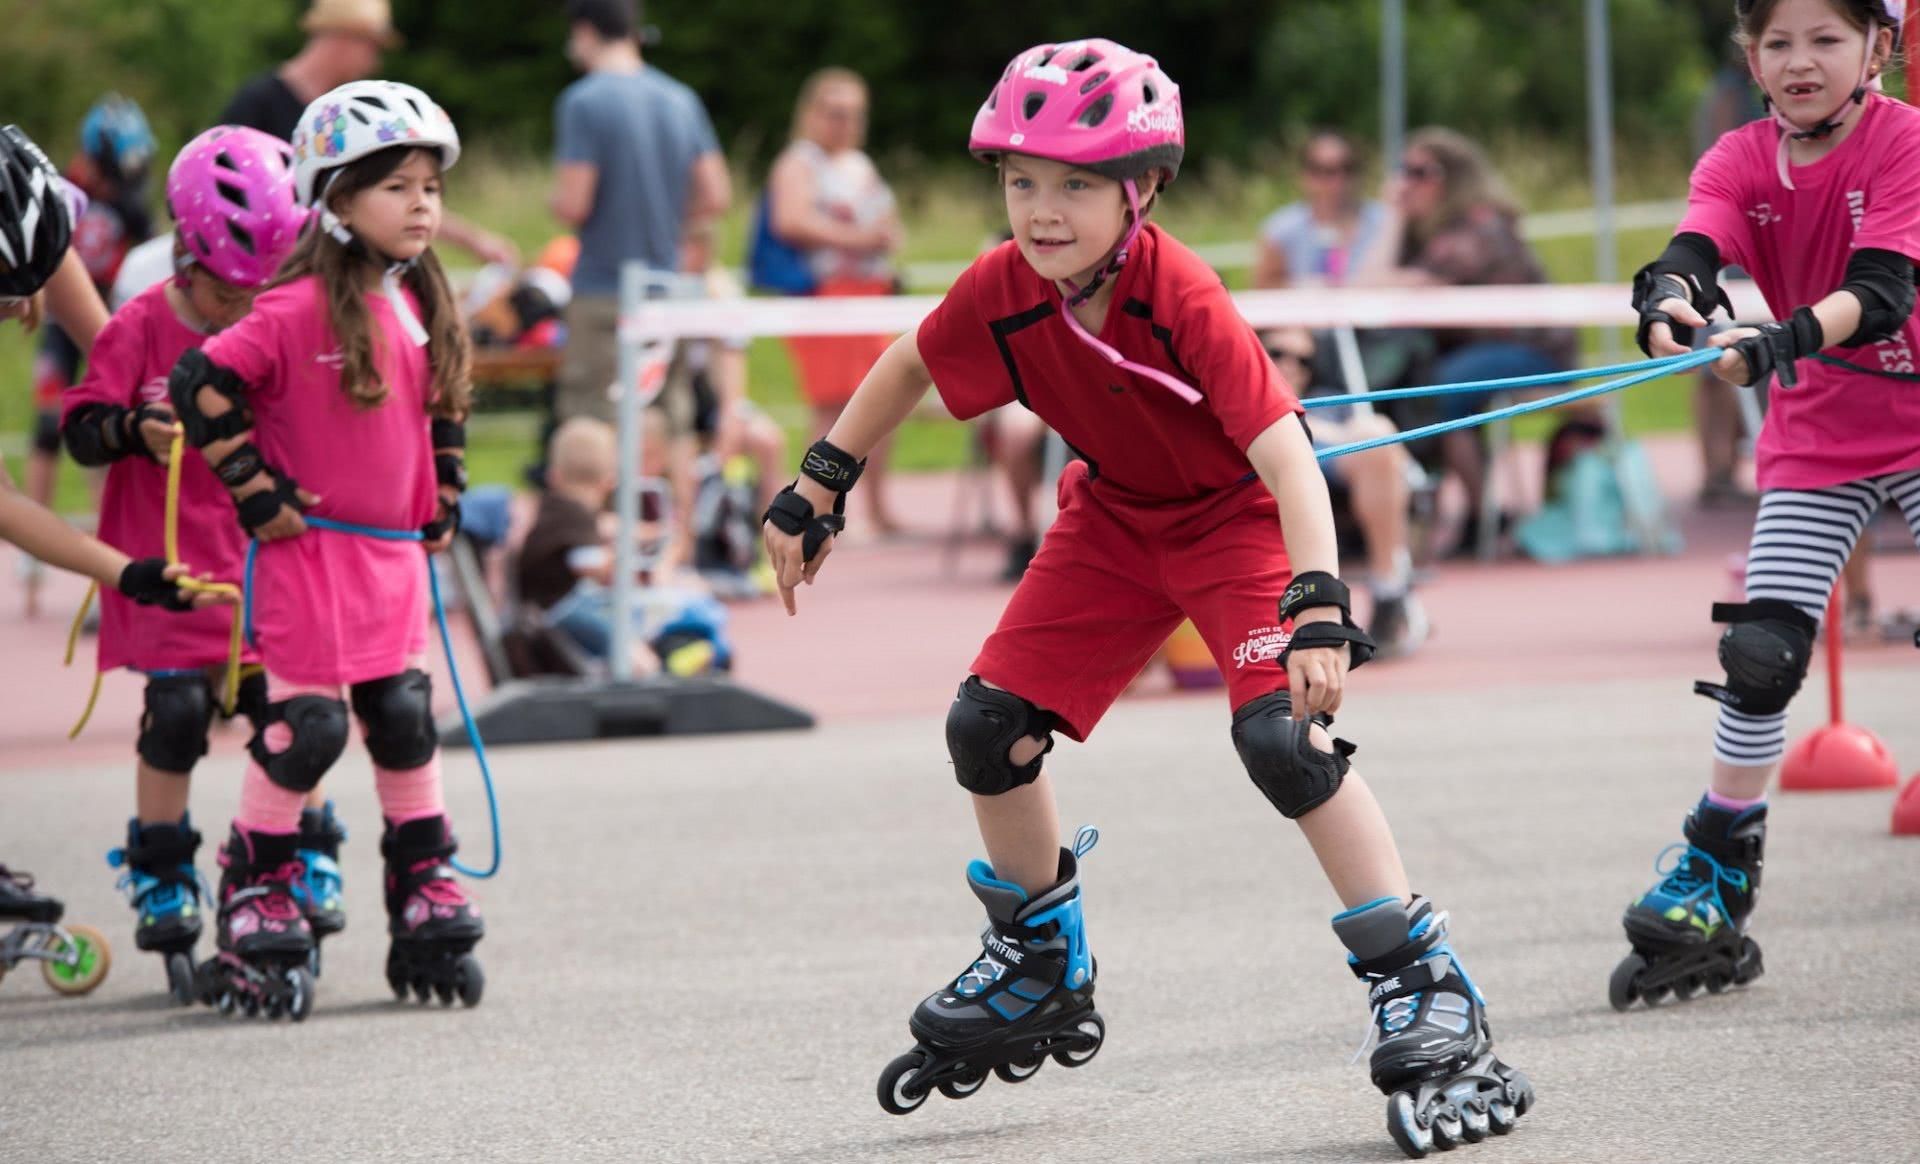 Ein Mädchen auf Inline-Skates zieht ein anderes mit einem Seil.